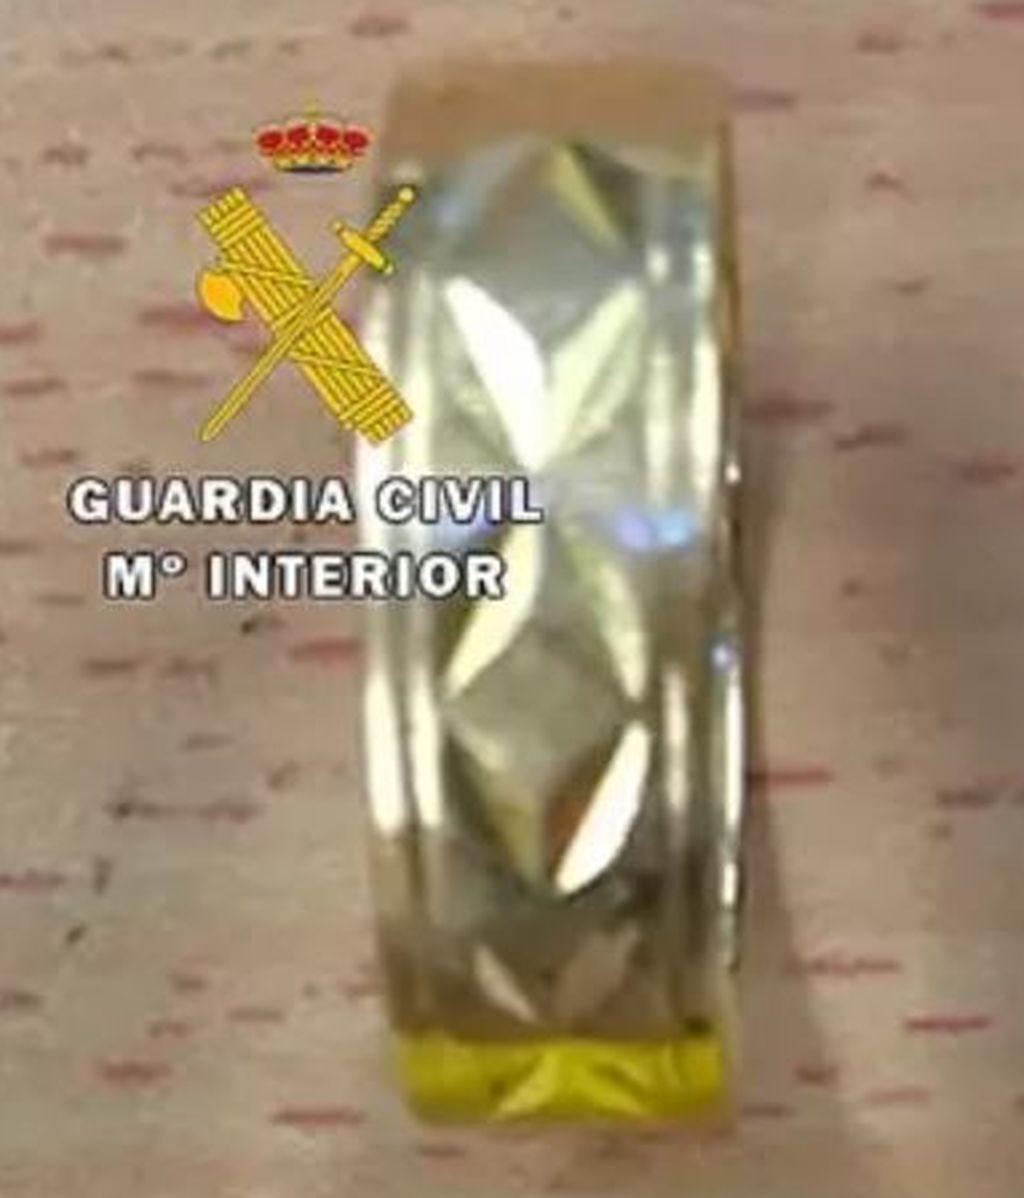 Reconoce a través de las redes sociales las joyas que le robaron hace tres años en su casa de Burgos